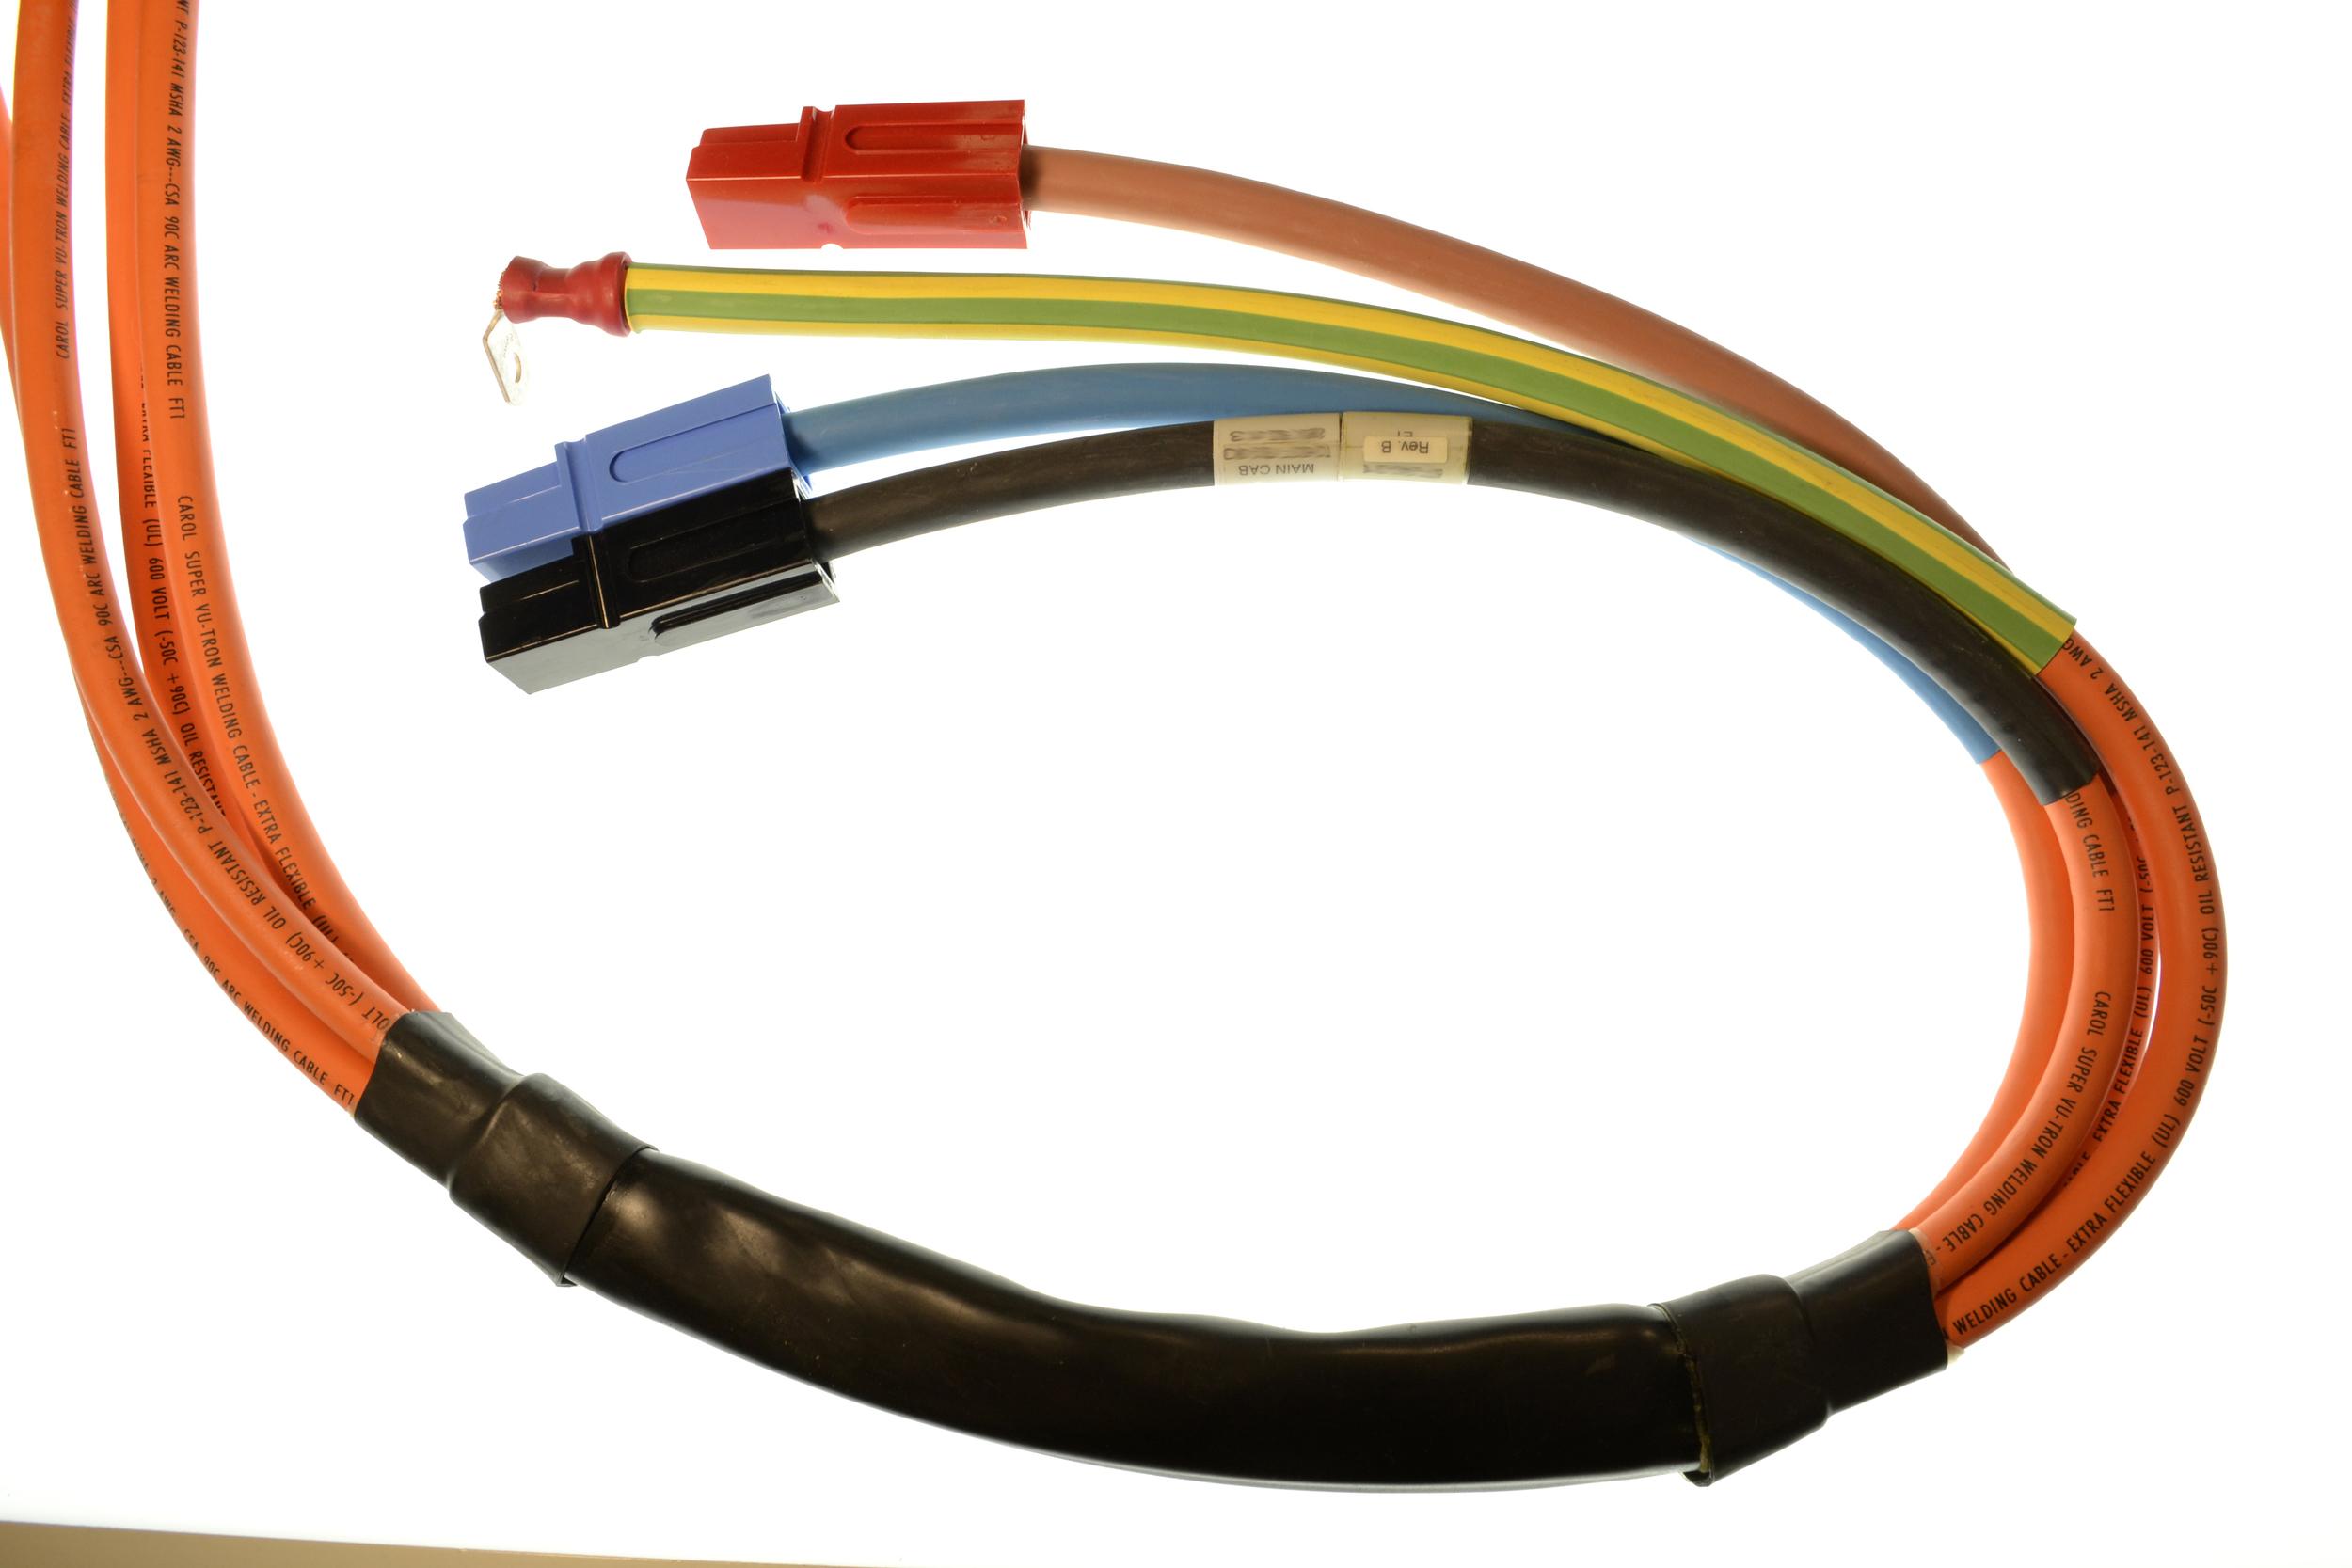 orange jumper cable.jpg